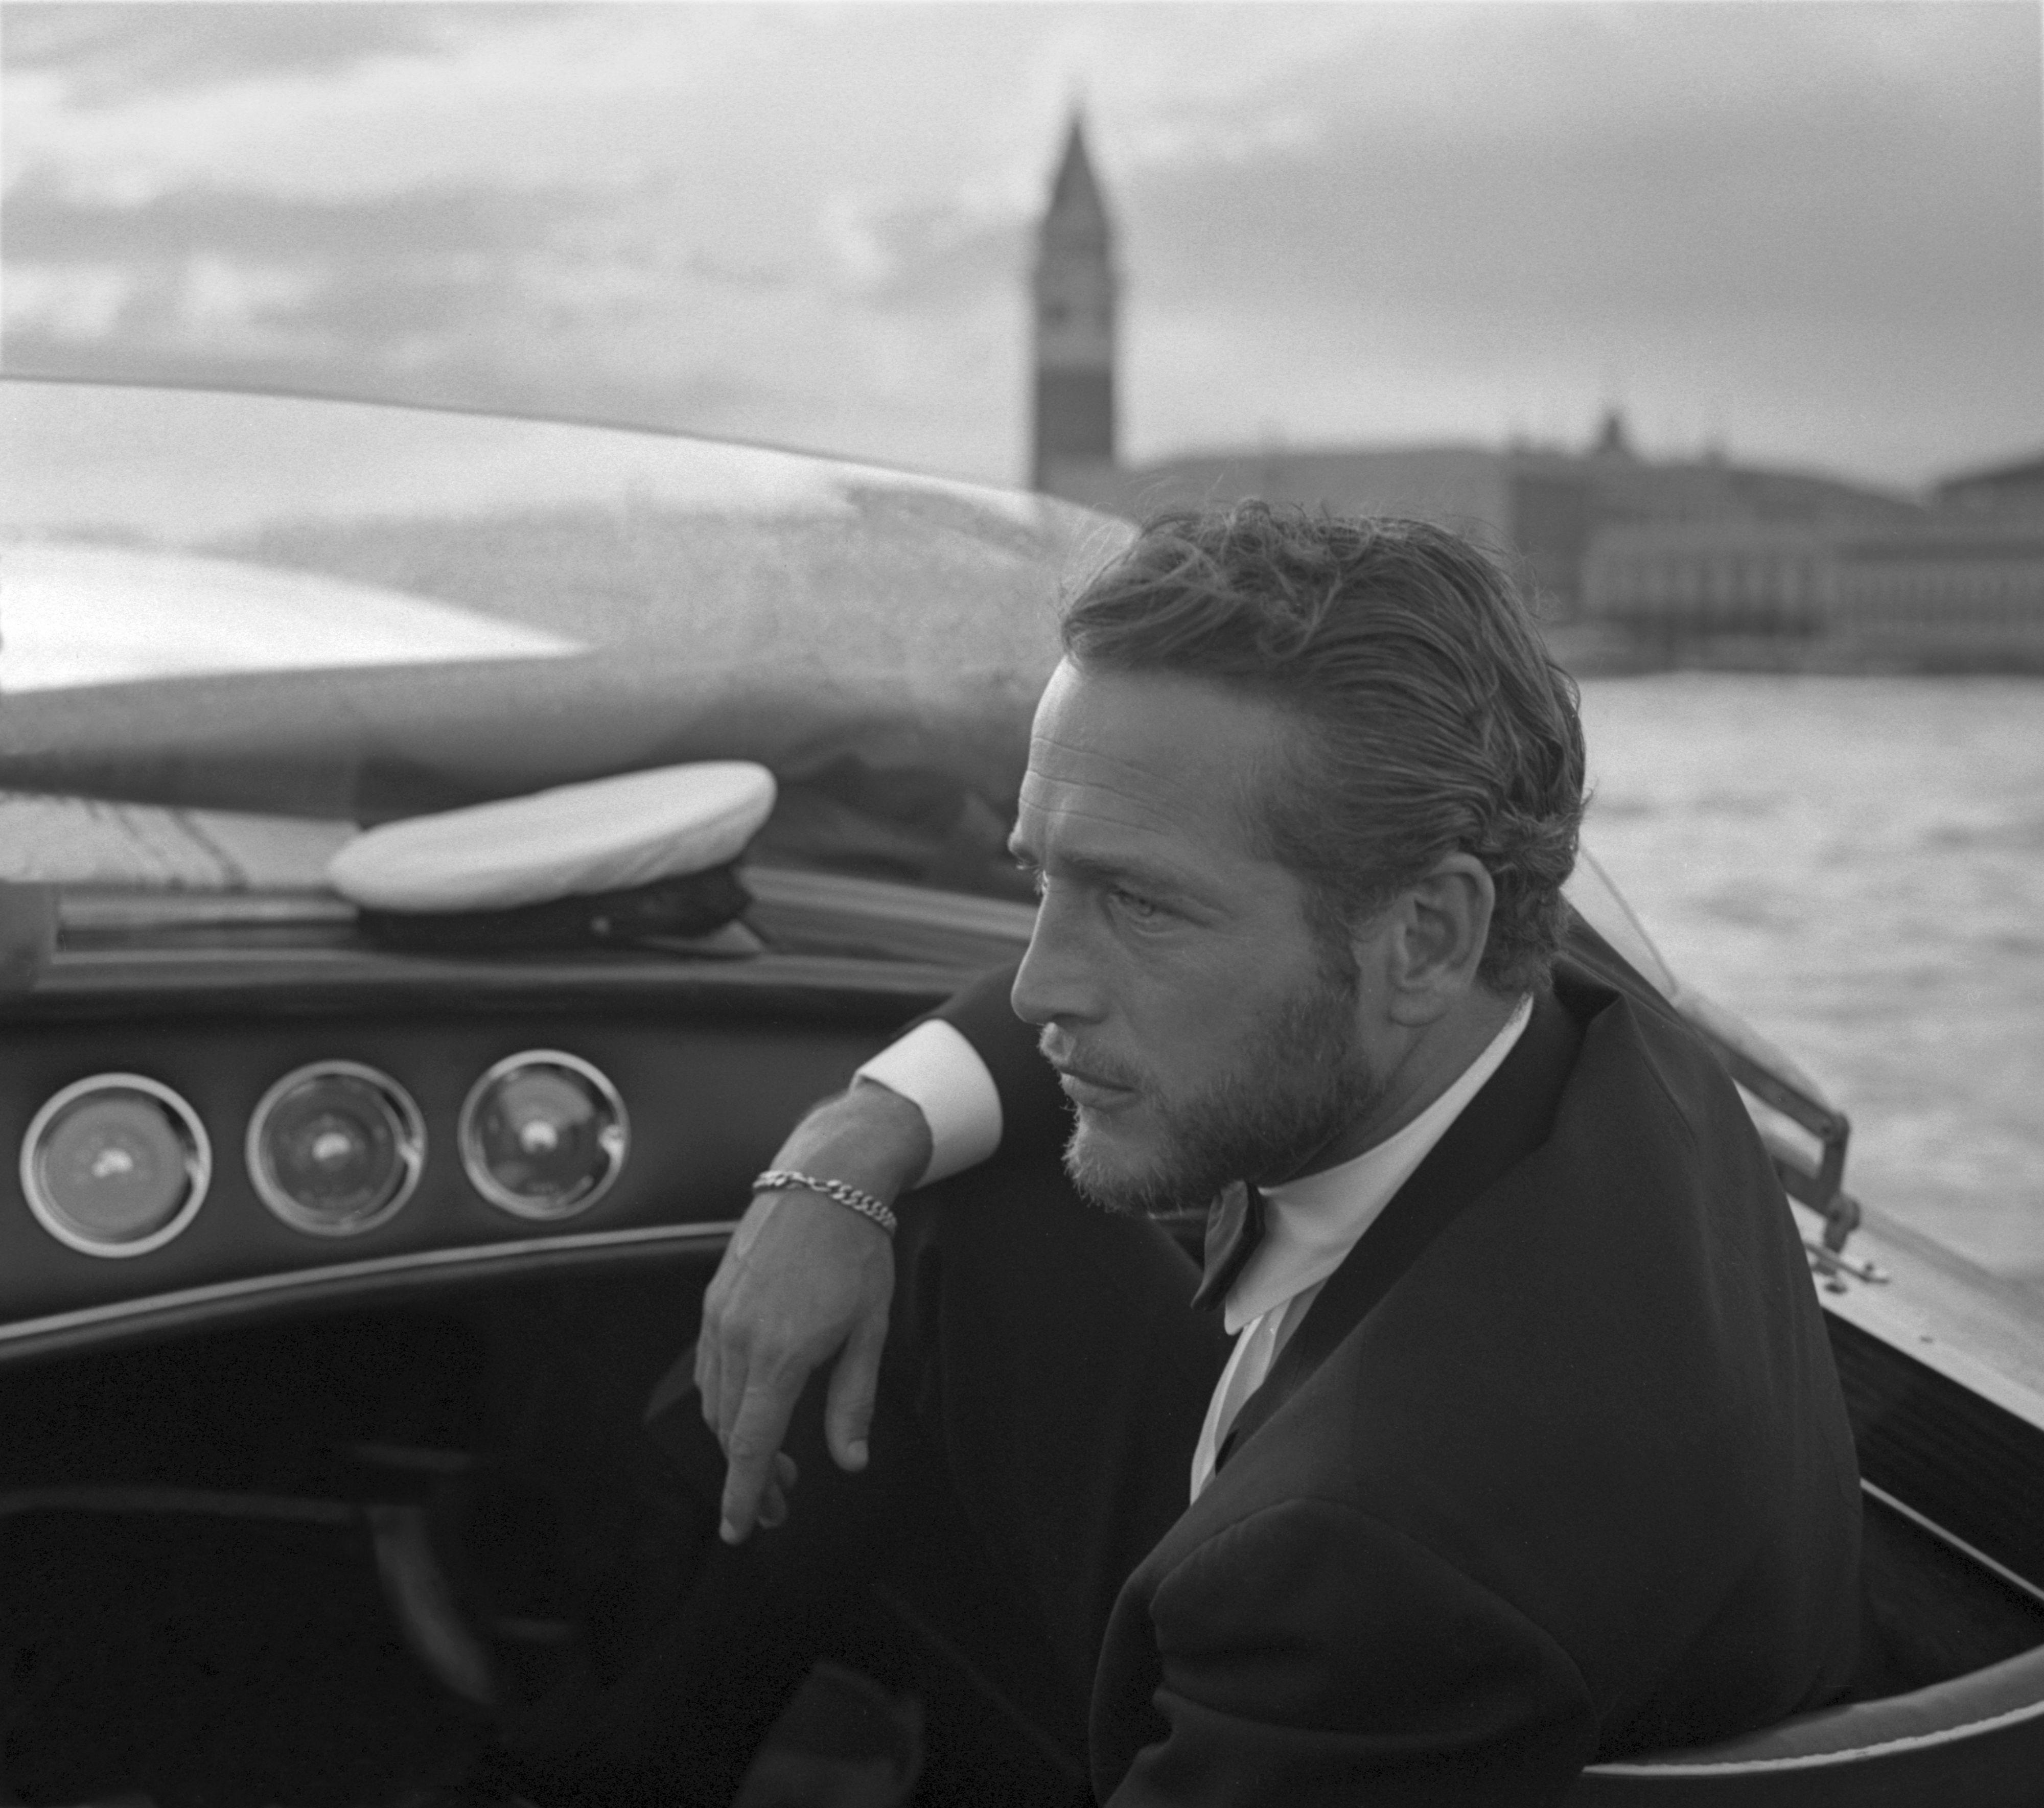 Il Festival di Venezia formato amarcord: una foto di Paul Newman, l'anima (ruvida) di Paul Newman